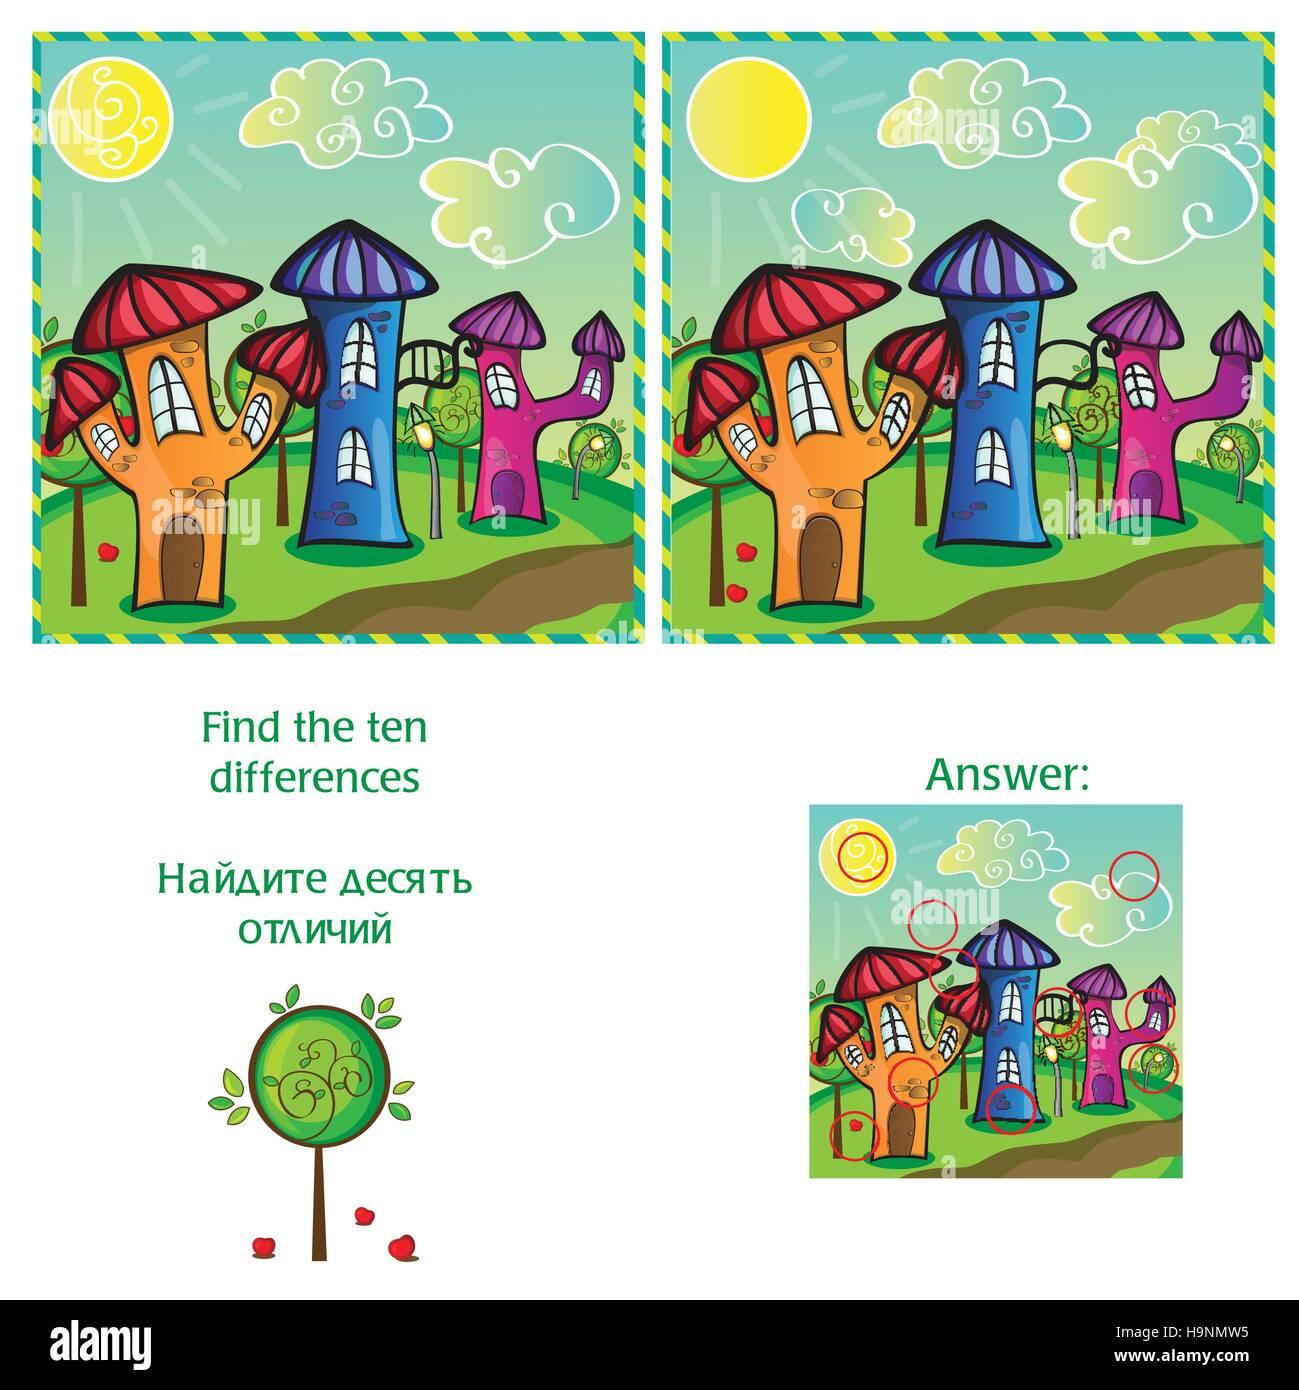 Visual Juego - encontrar 10 diferencias -con respuesta - Archivo vectorial Imagen De Stock